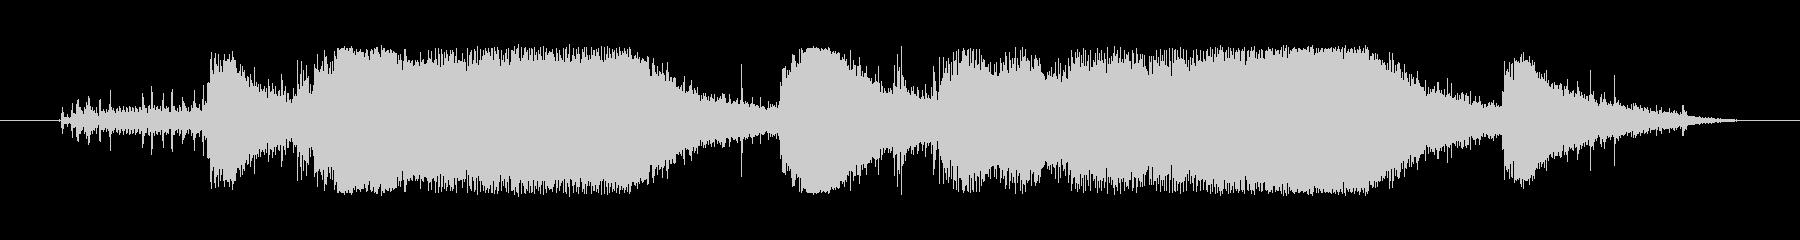 チェーンソーの起動、アイドル、回転...の未再生の波形